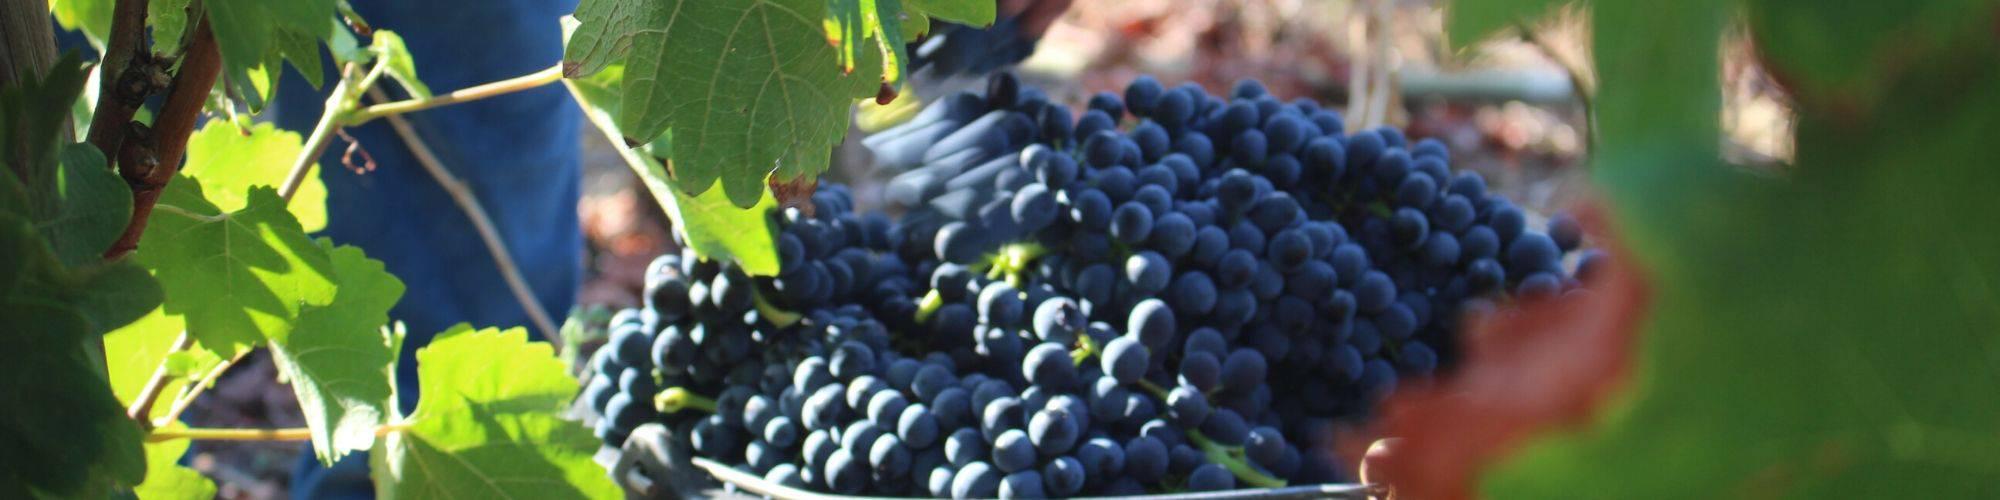 Les vignes en vendanges